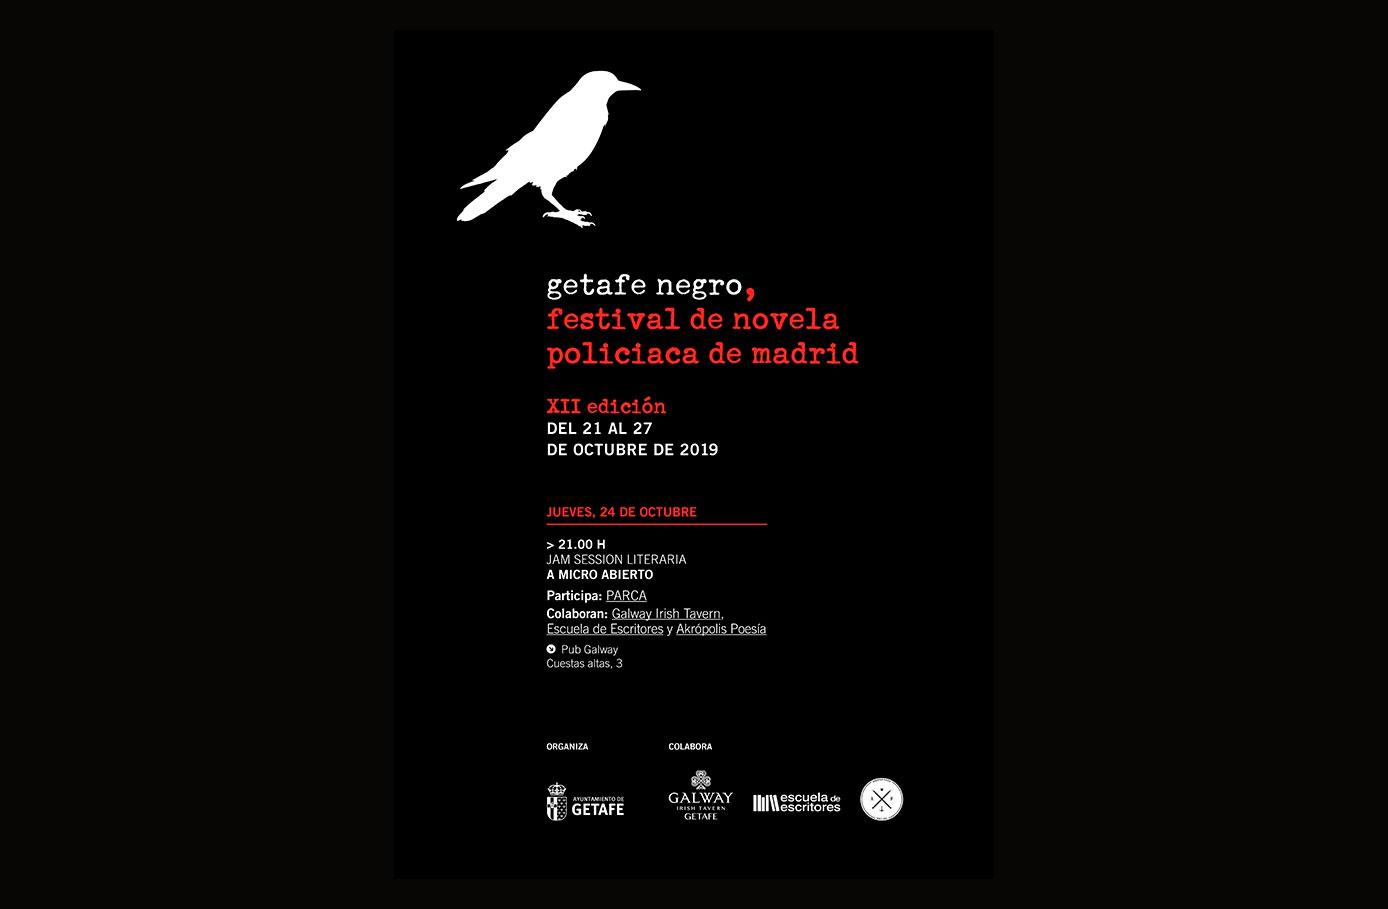 jam-session-literaria-getafe-negro-2019